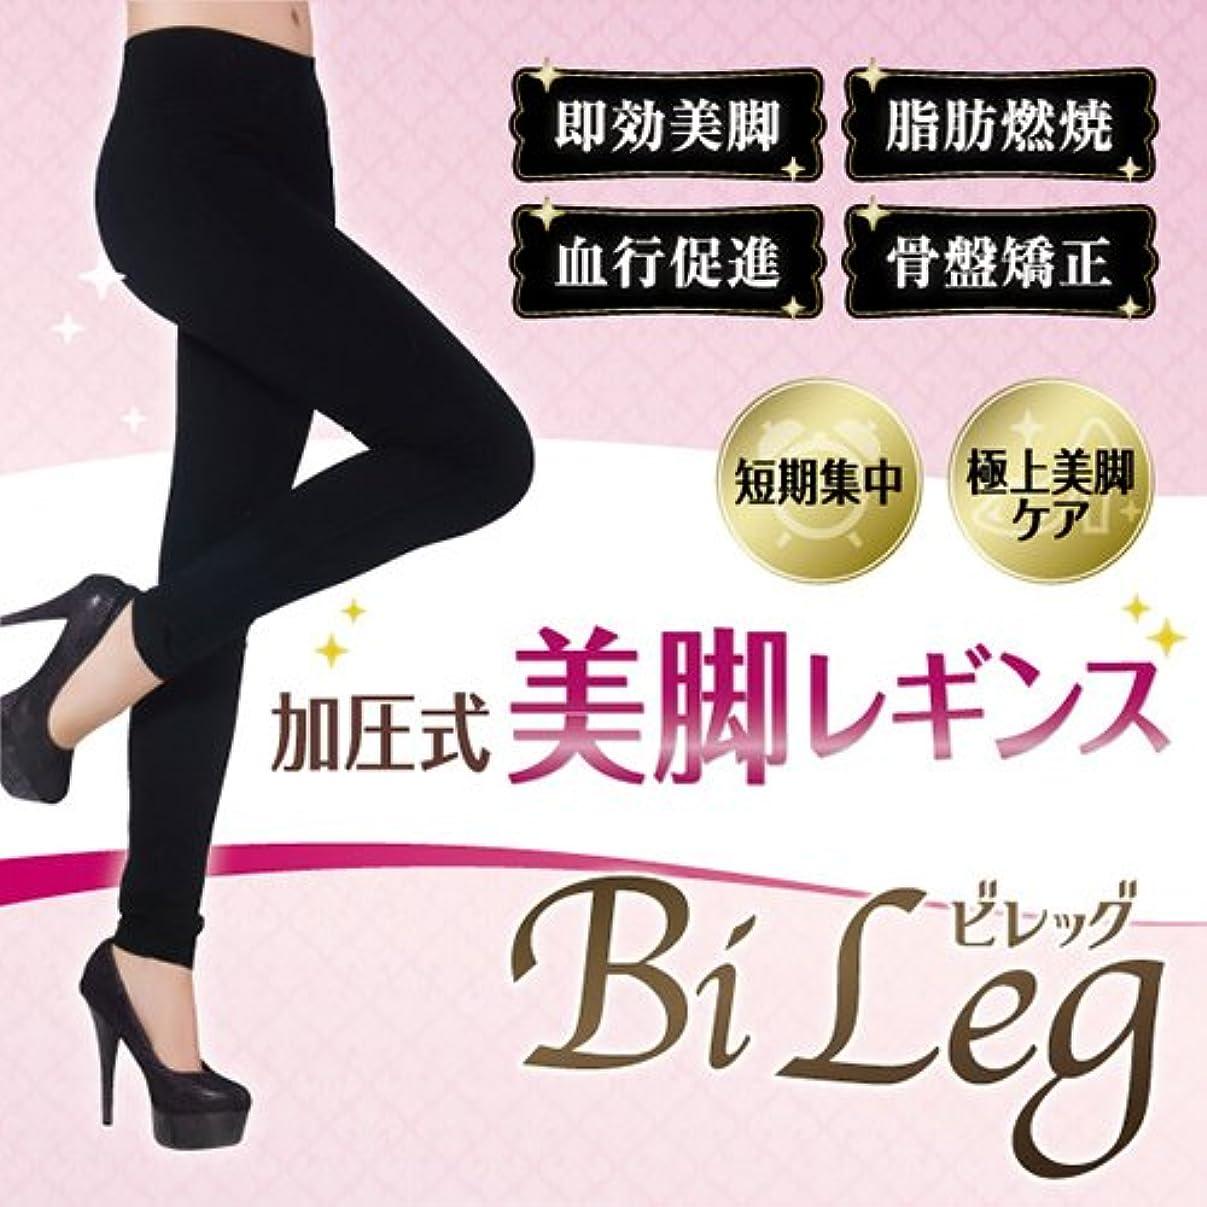 降臨時間厳守更新【送料無料3個セット】ビレッグ(Bi Leg) 着圧レギンス 着圧タイツ 骨盤矯正 美脚 脚痩せ